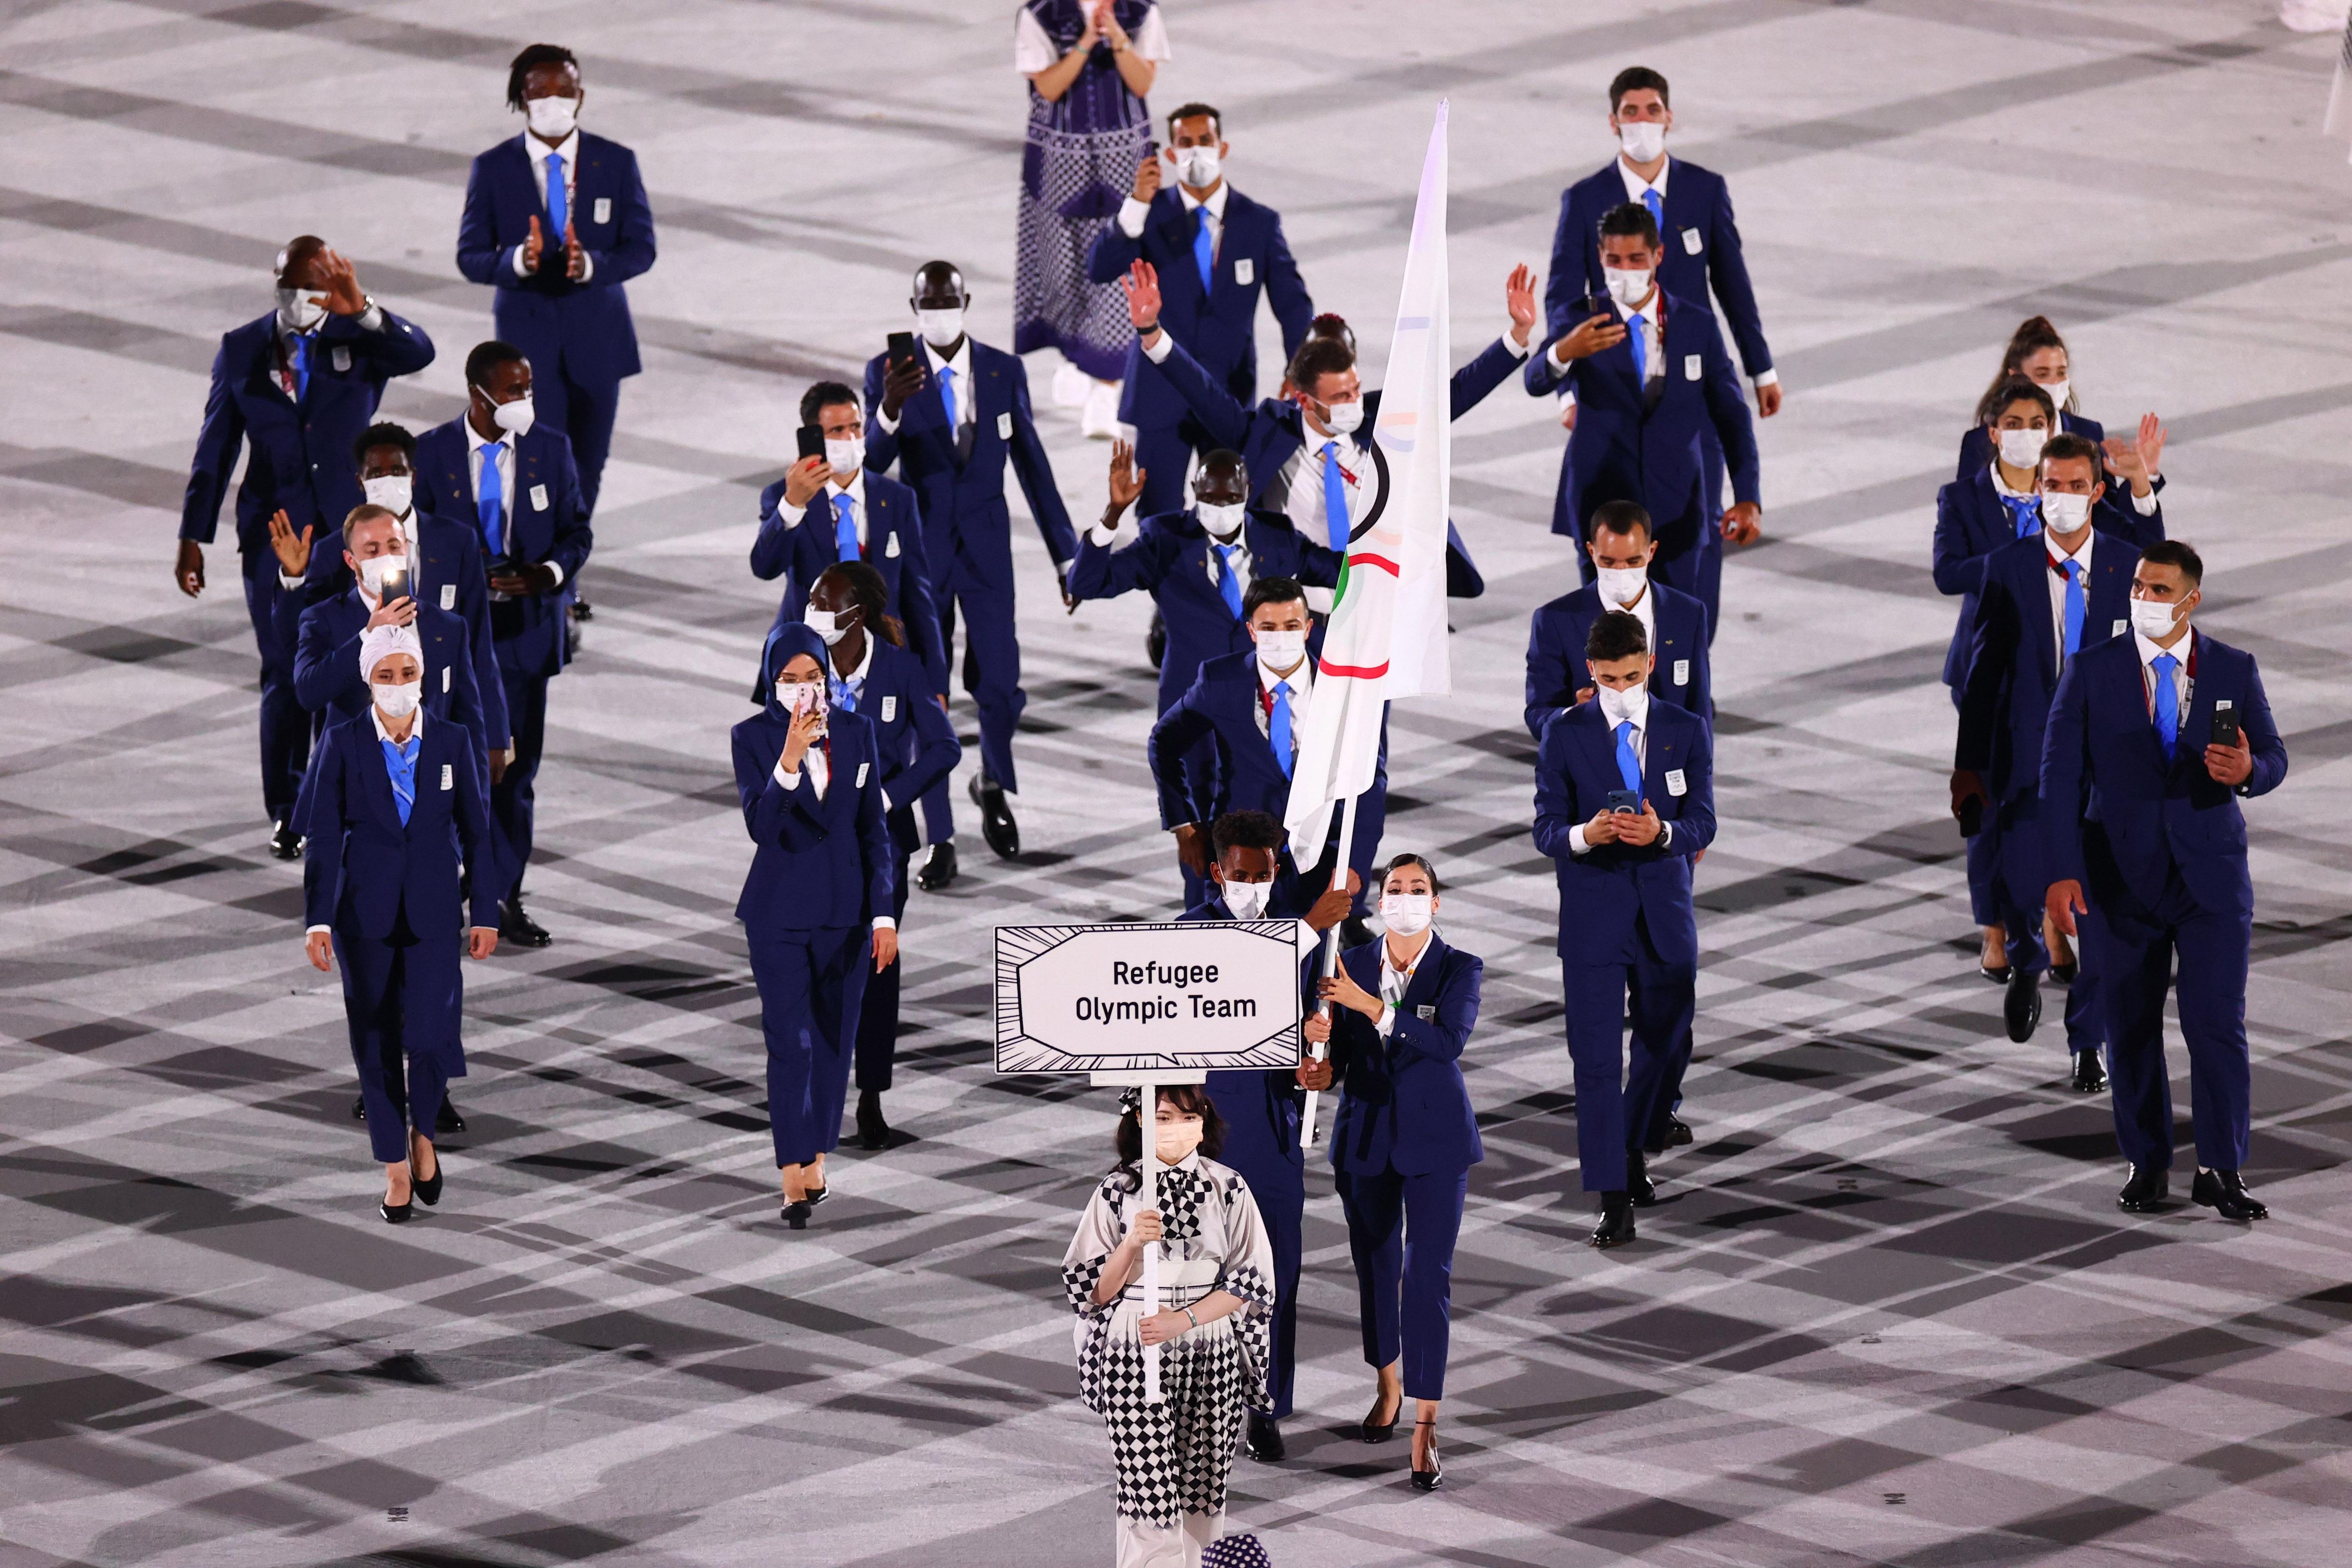 En esta edición, el equipo olímpico de Refugiados cuenta con 29 atletas de 11 países diferentes (REUTERS/Mike Blake)